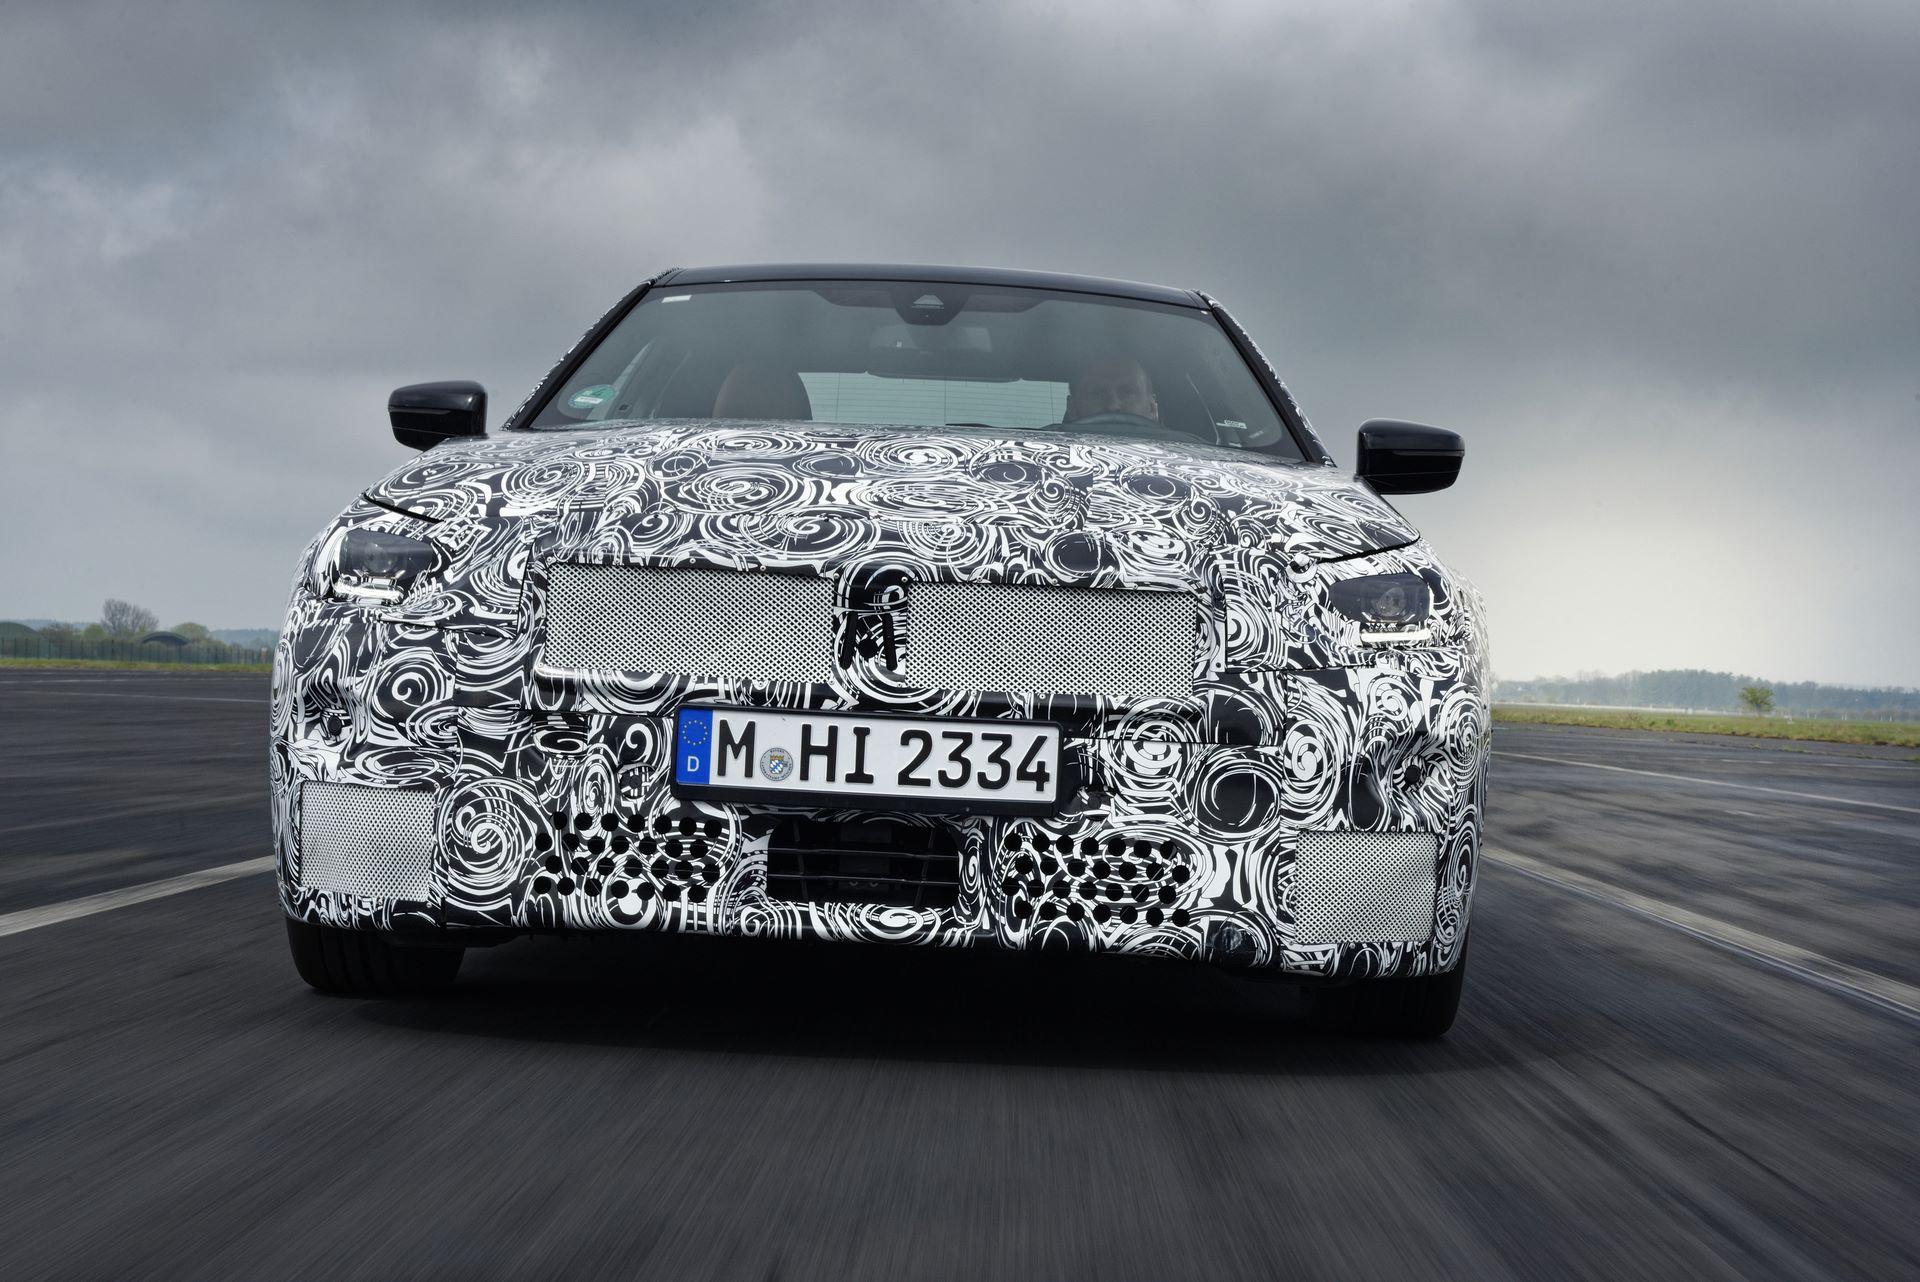 BMW-2-Series-M240i-spy-photos-8